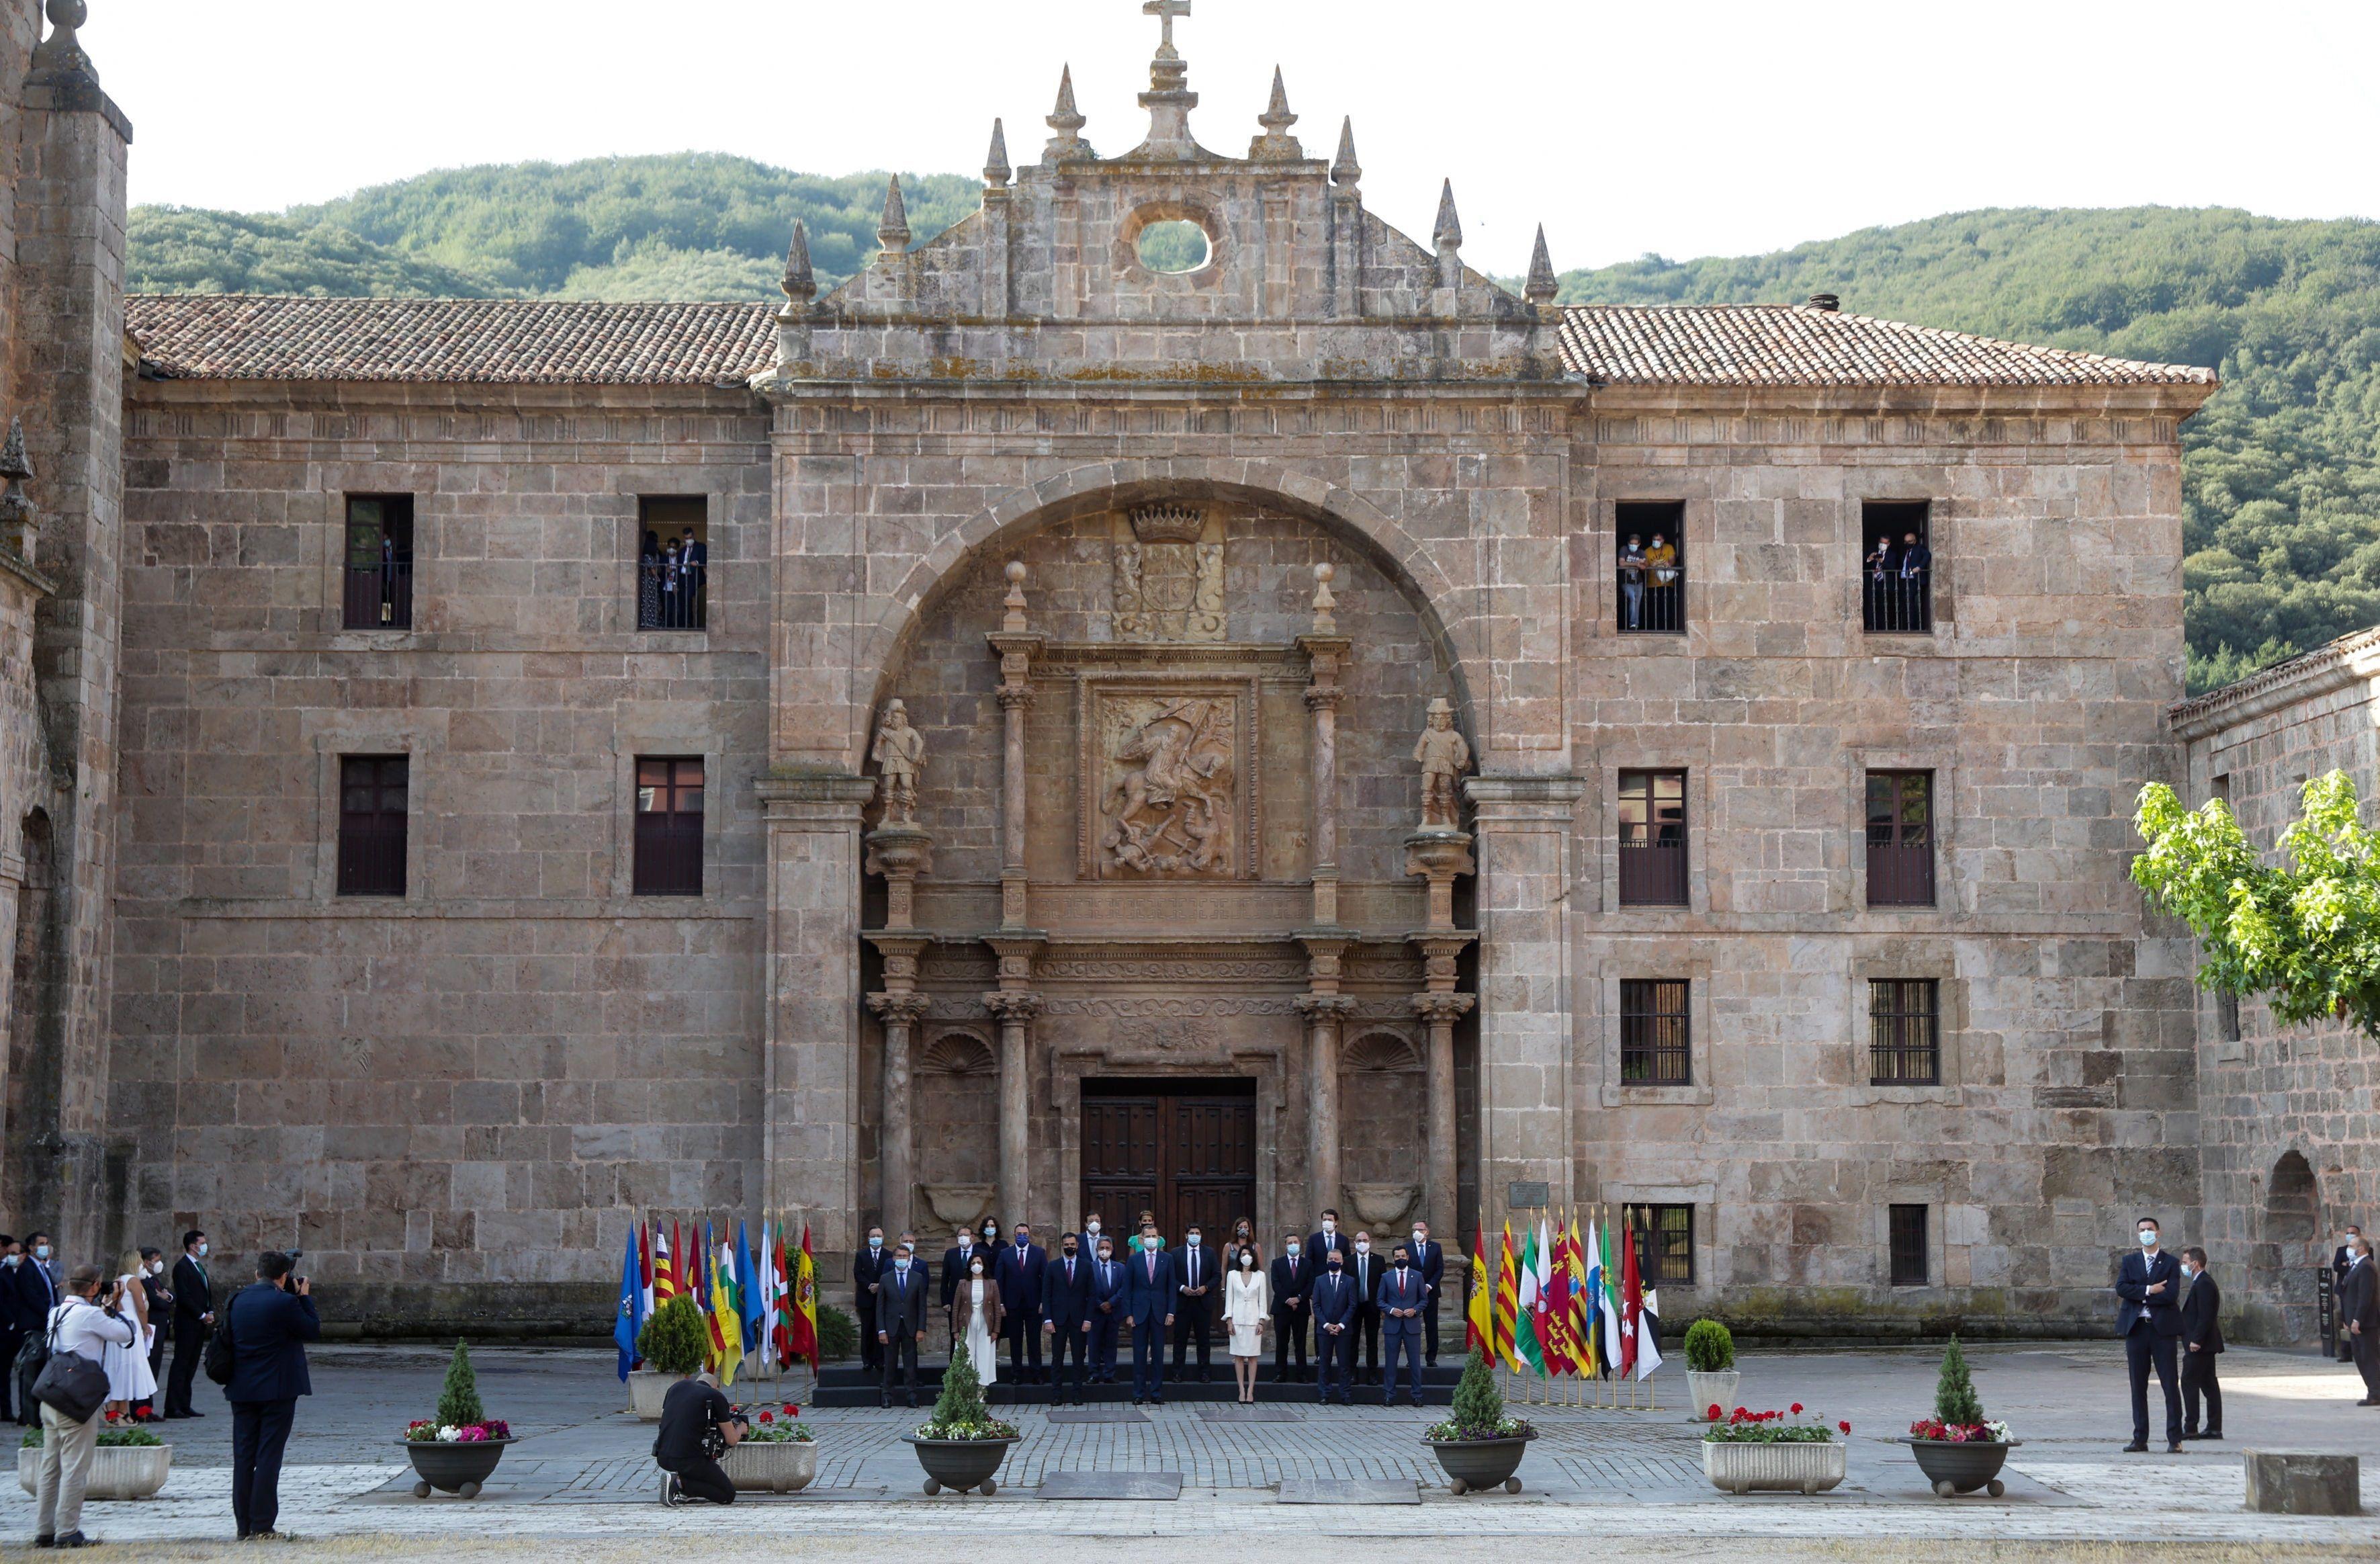 Foto de familia de la conferencia de presidentes ante la portada barroca del monasterio de San Millán de Yuso, en San Millán de la Cogolla (La Rioja). Se busca el consenso para el reparto de los fondos de recuperación europeos.